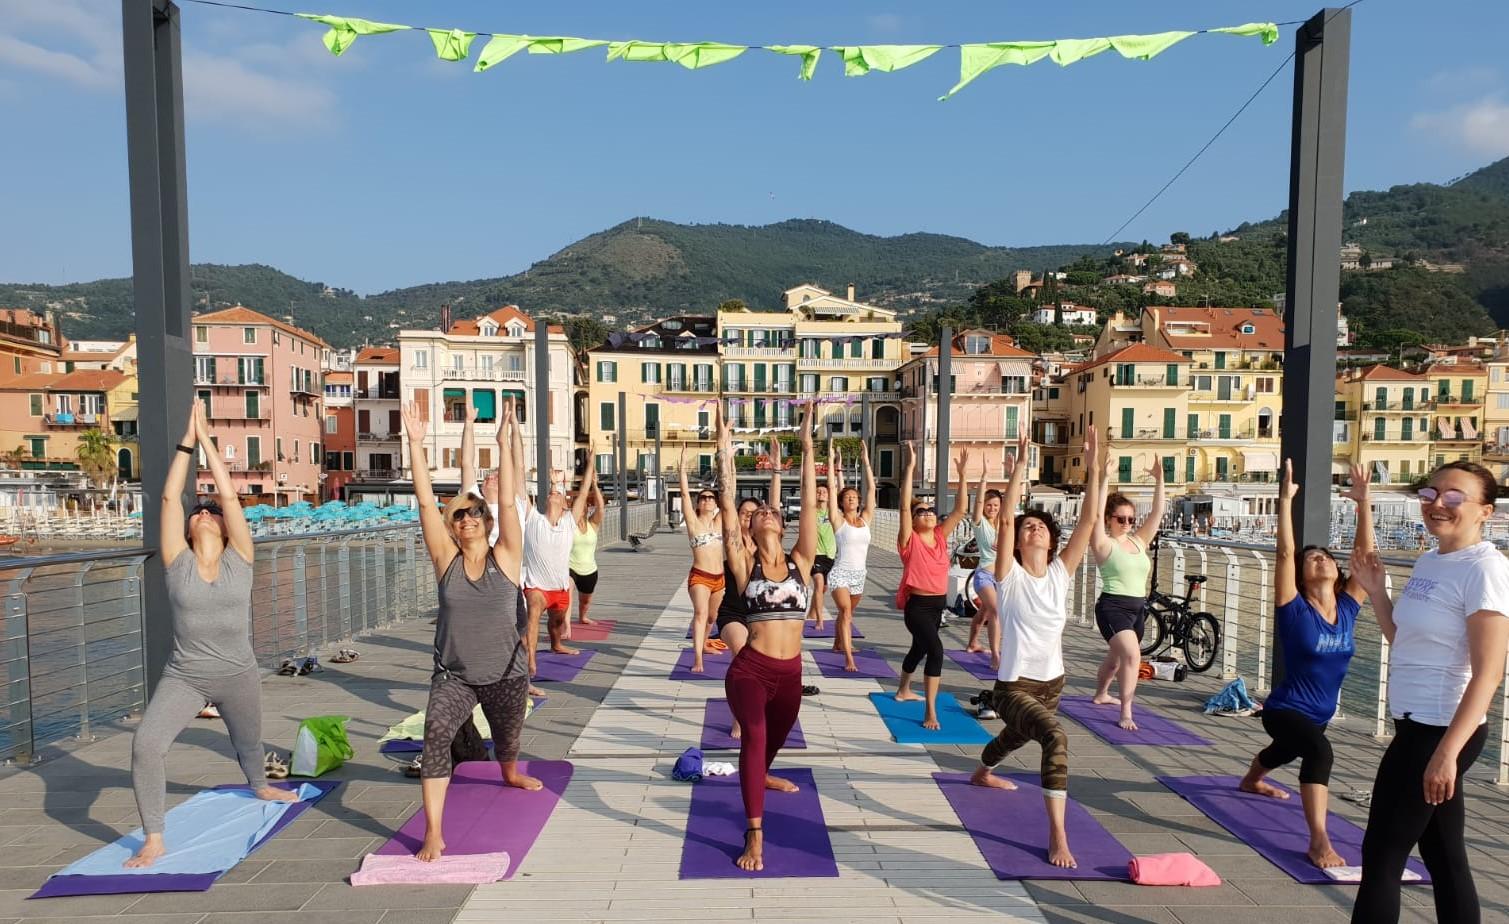 essere-free-yoga-gratuito-benessere-per-tutti-village-citta-alassio-estate-lucia-ragazzi-summer-town-wellness-080